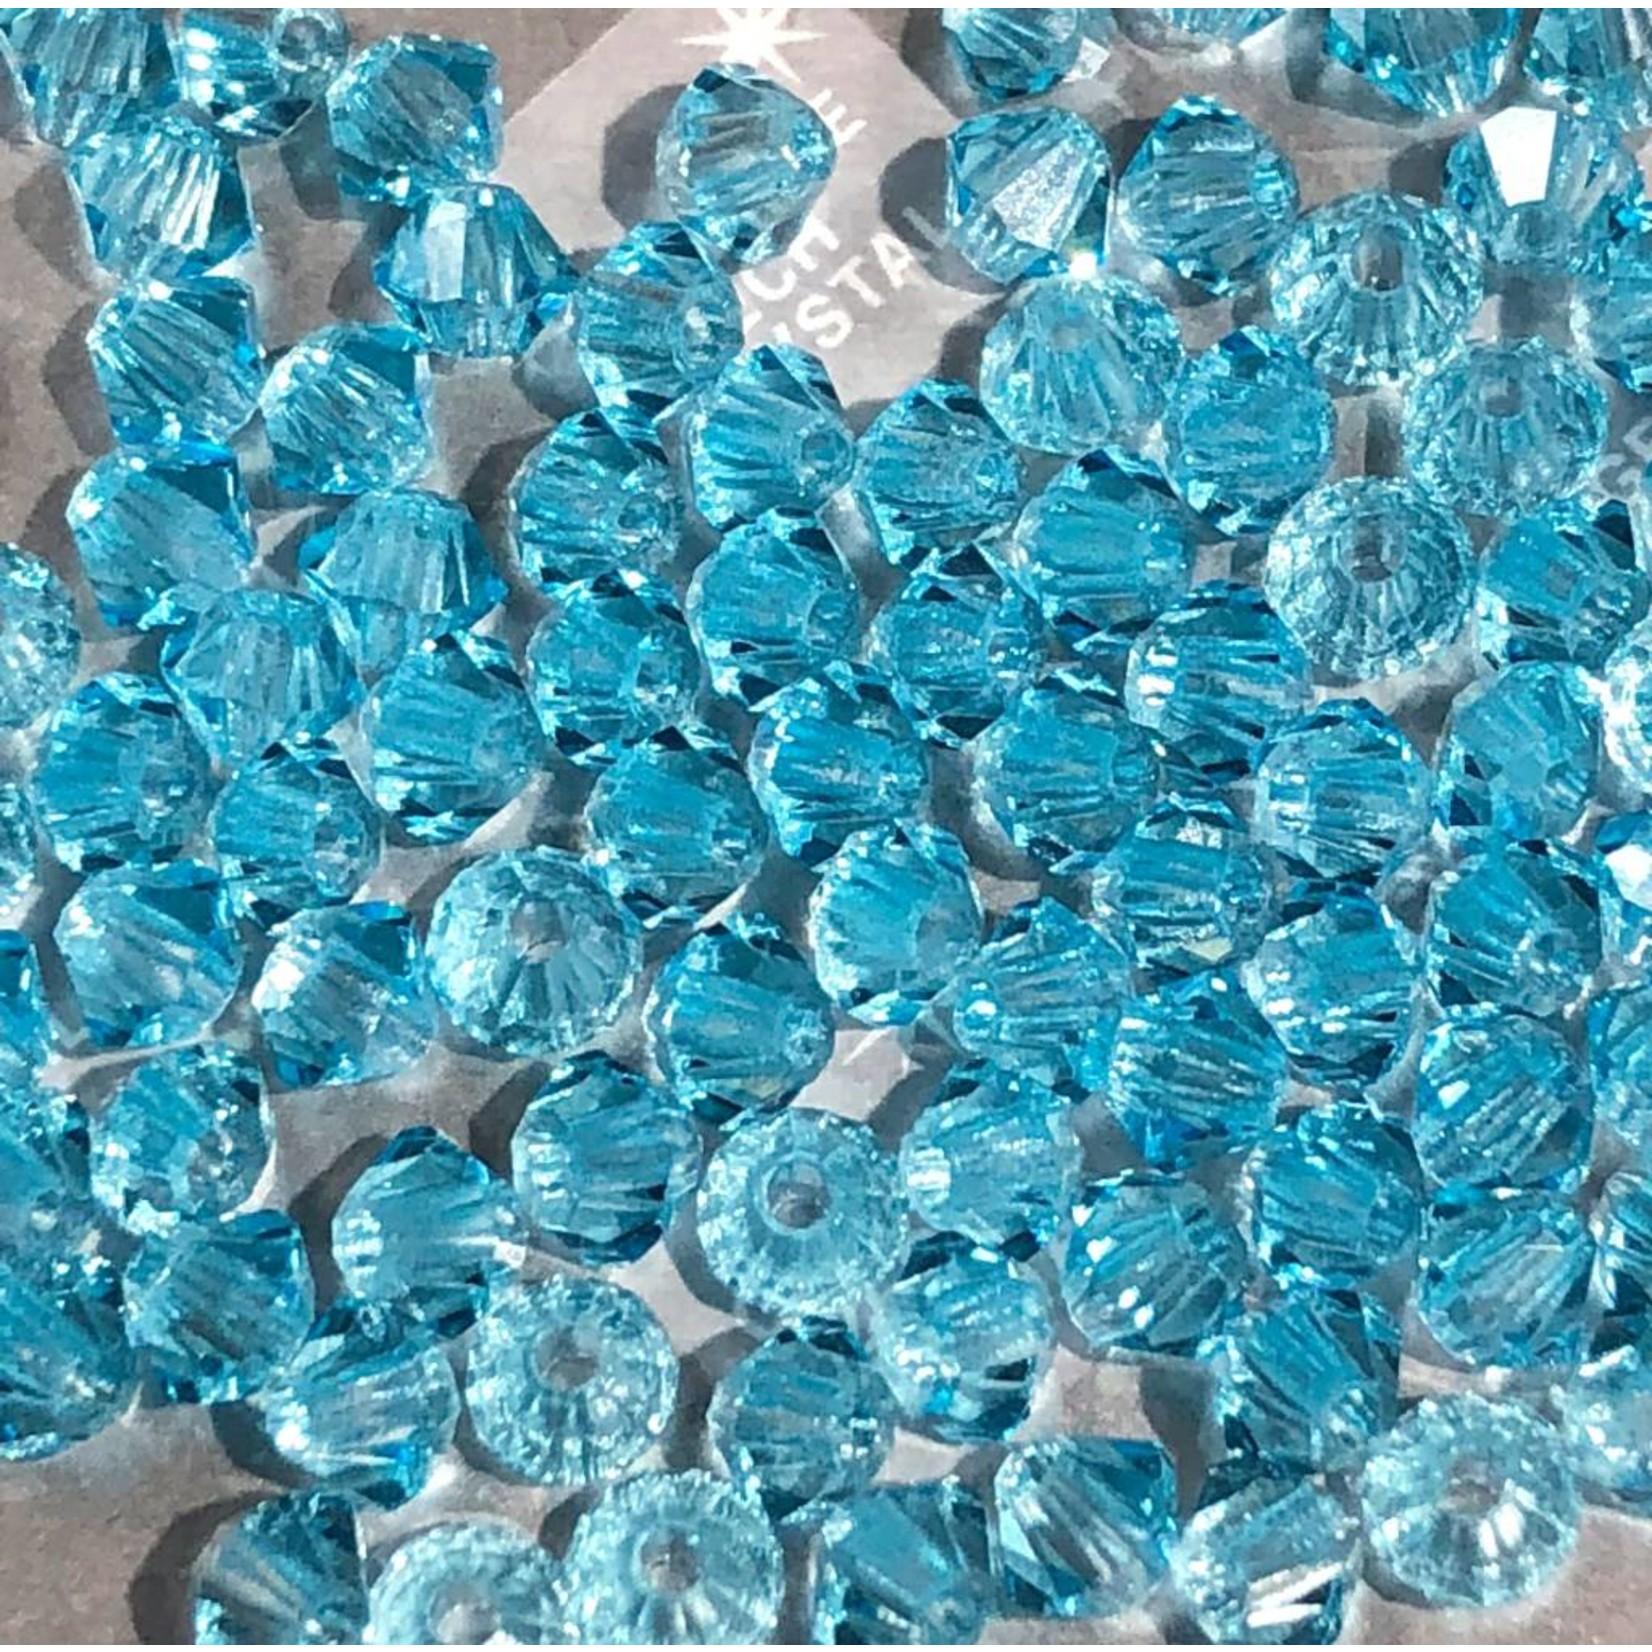 Preciosa Crystal 3mm Bicone Aqua Bohemica 144pcs